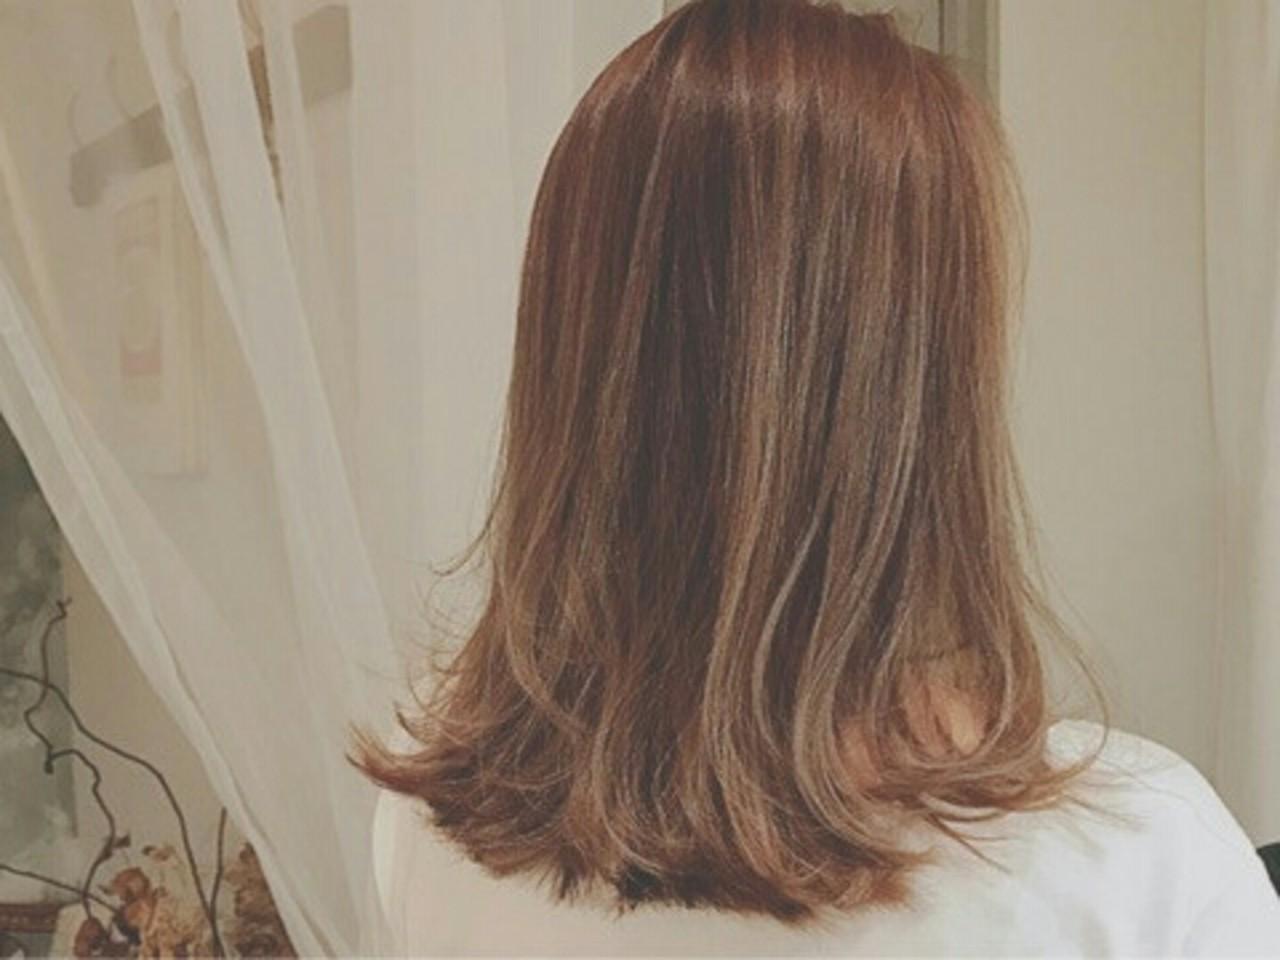 グラデーションカラー モード 外国人風 セミロング ヘアスタイルや髪型の写真・画像 | 浦川由起江 / nanon